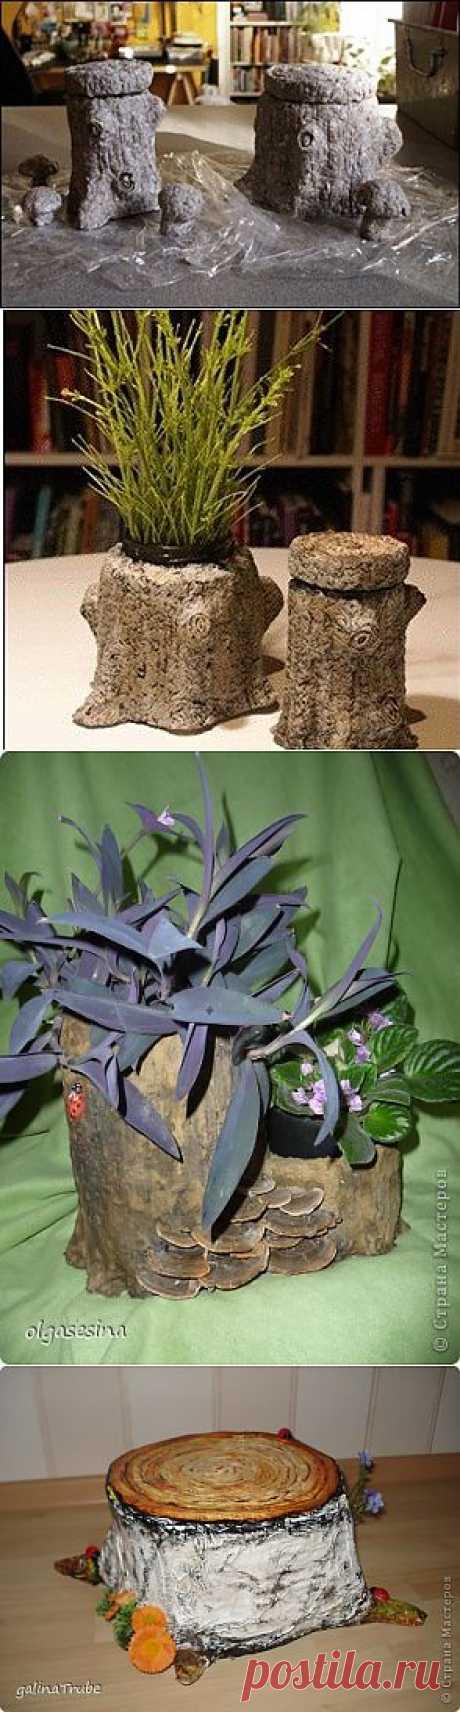 Декоративный пенек из папье-маше в интерьере | Страна Hand Made